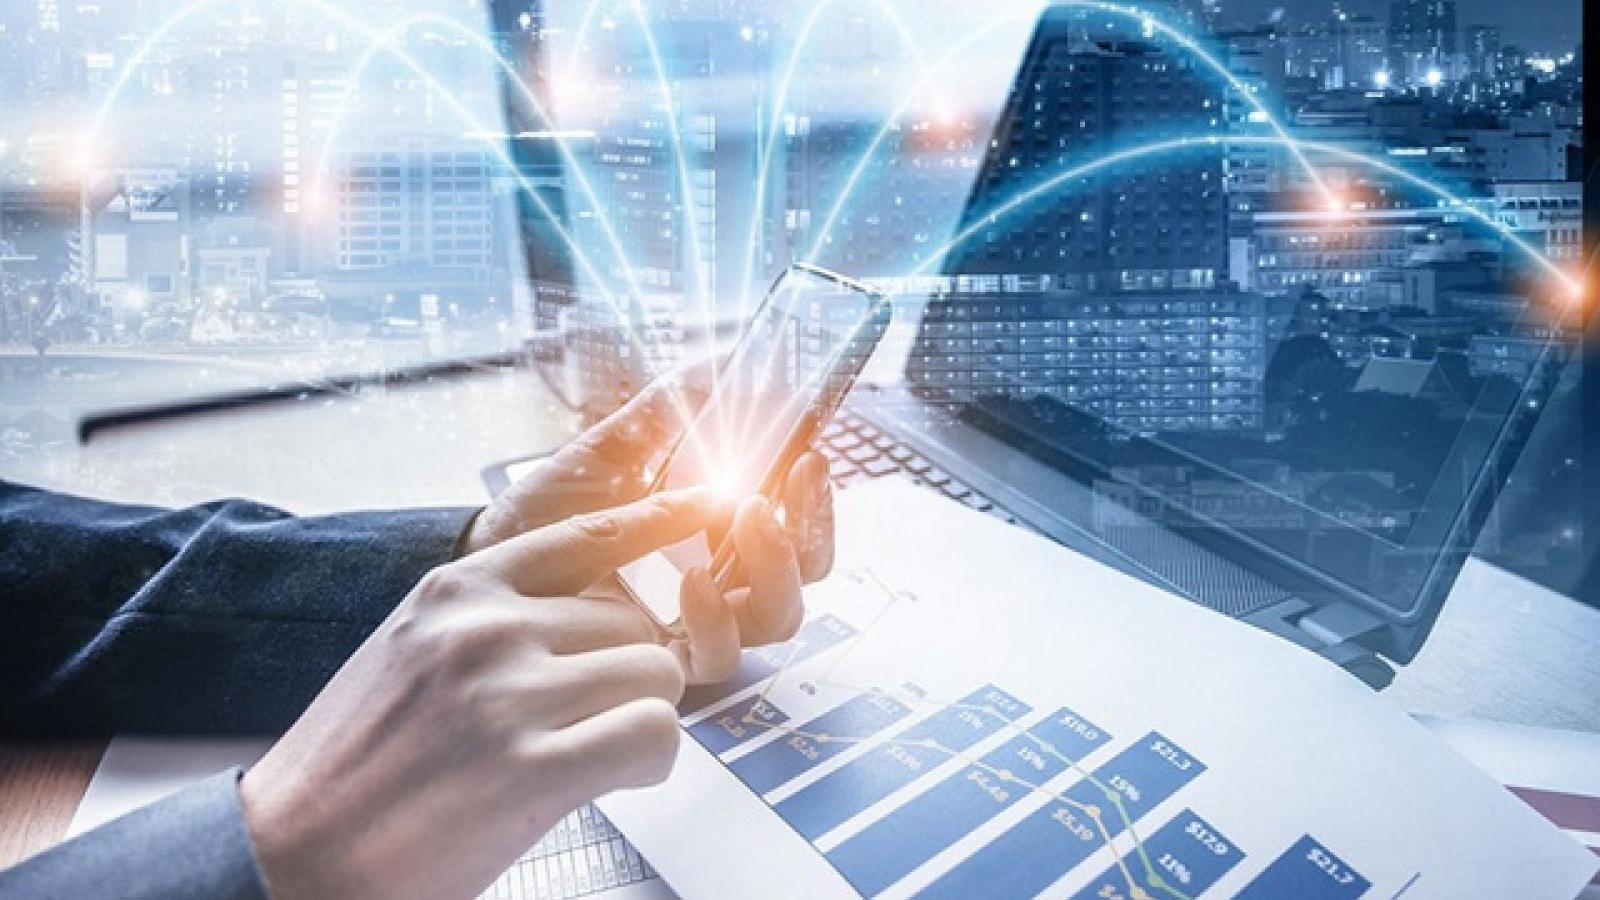 Việt Nam được WIPO đánh giá là bắt kịp đà tăng chỉ số đổi mới sáng tạo toàn cầu